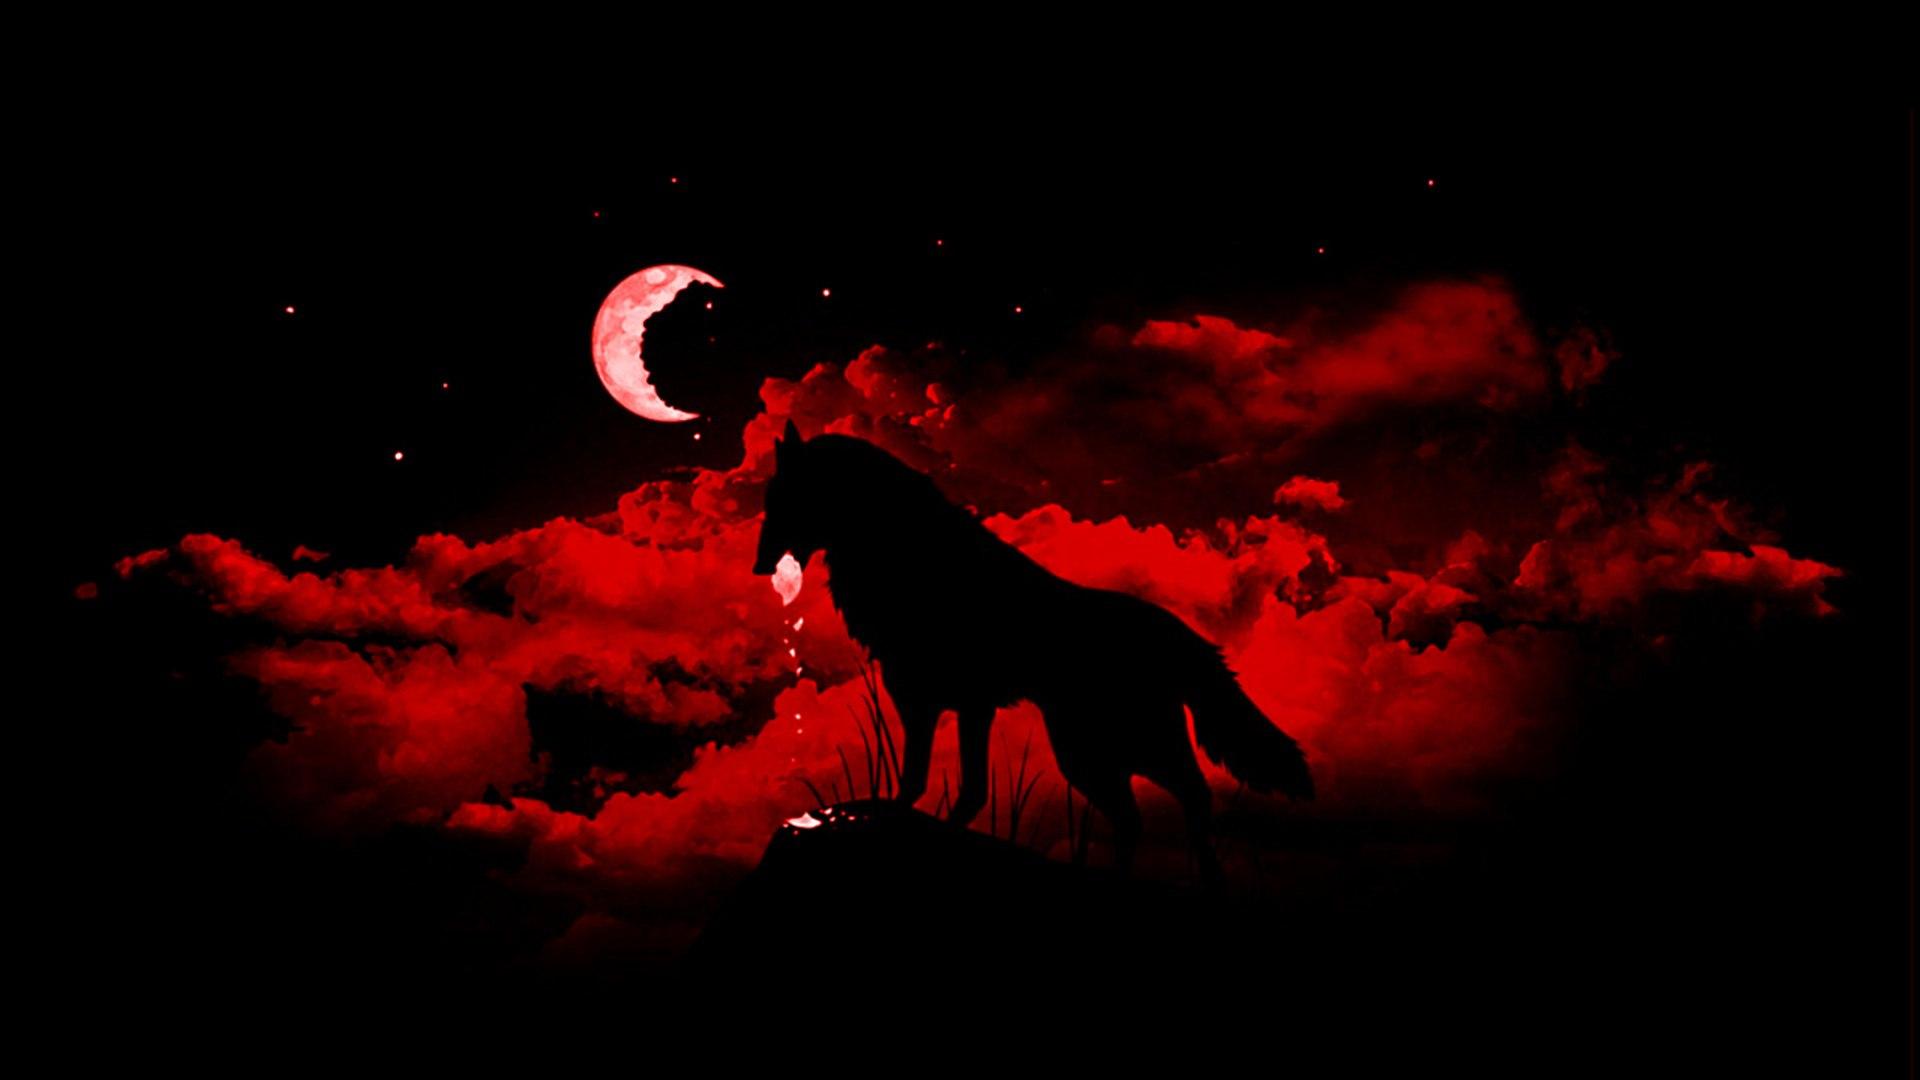 Черный волк со шрамами в хорошем качестве Обои на рабочий стол ... | 1080x1920